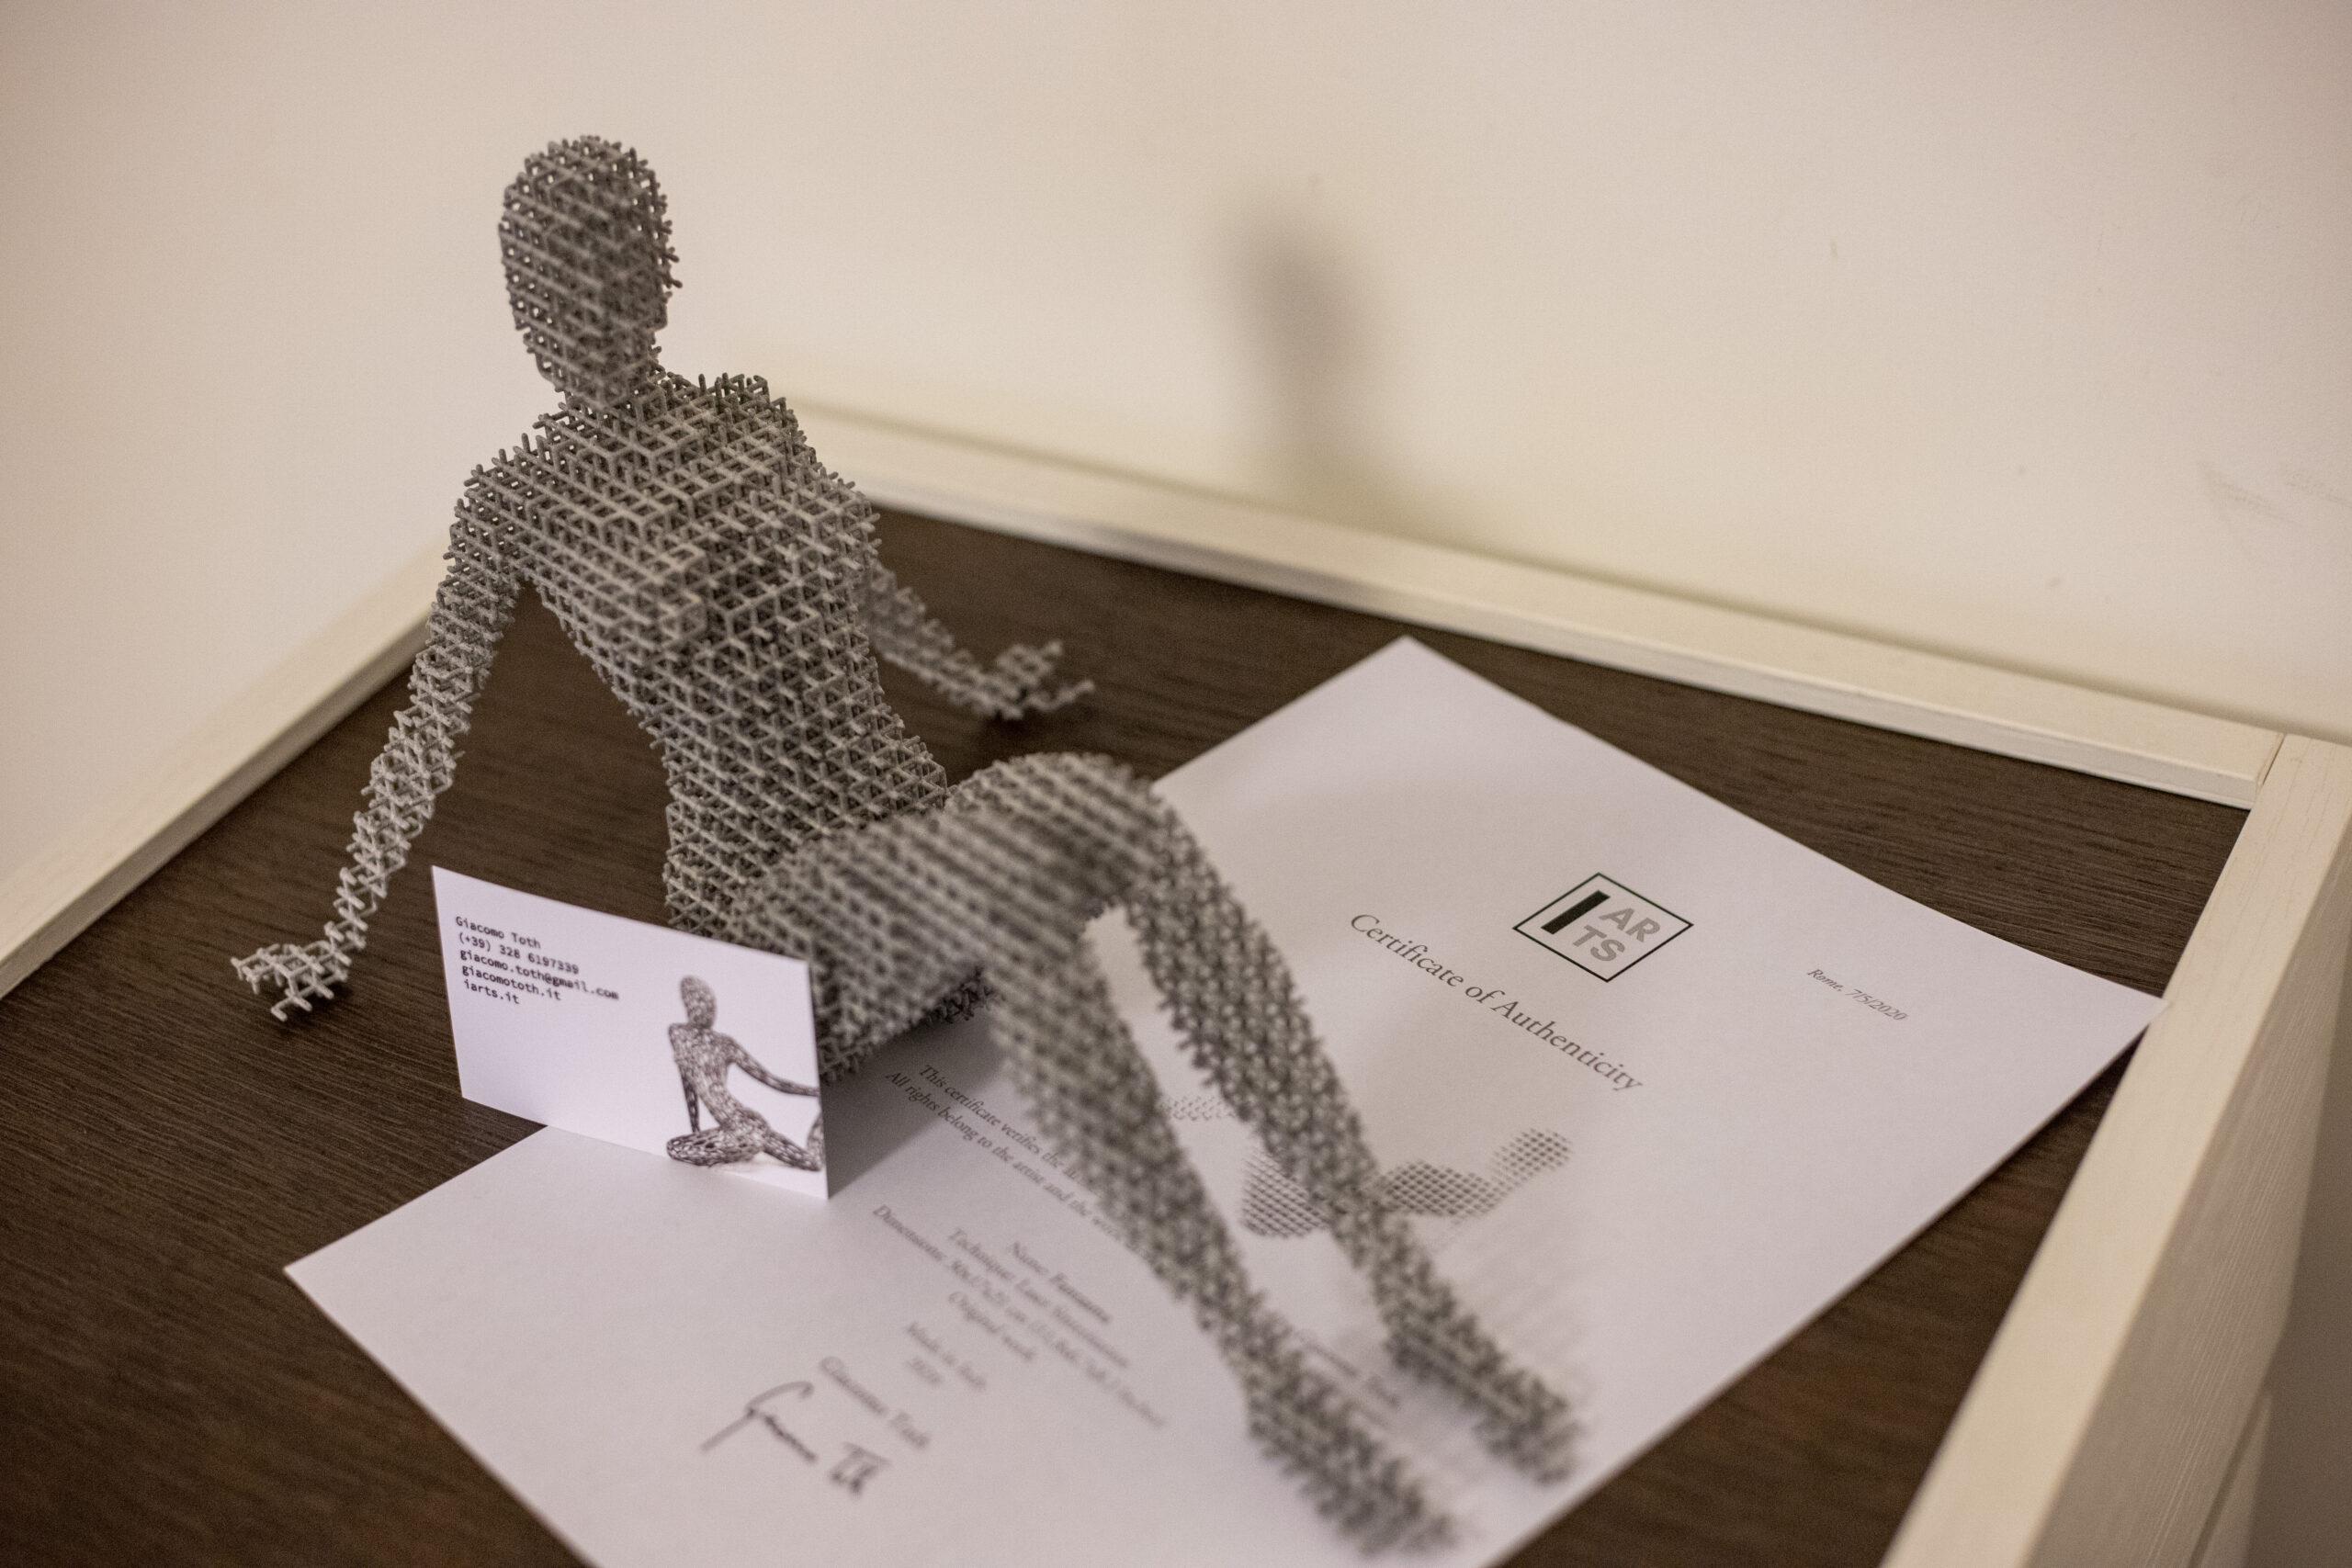 Fantasma scultura 2 Giacomo Toth